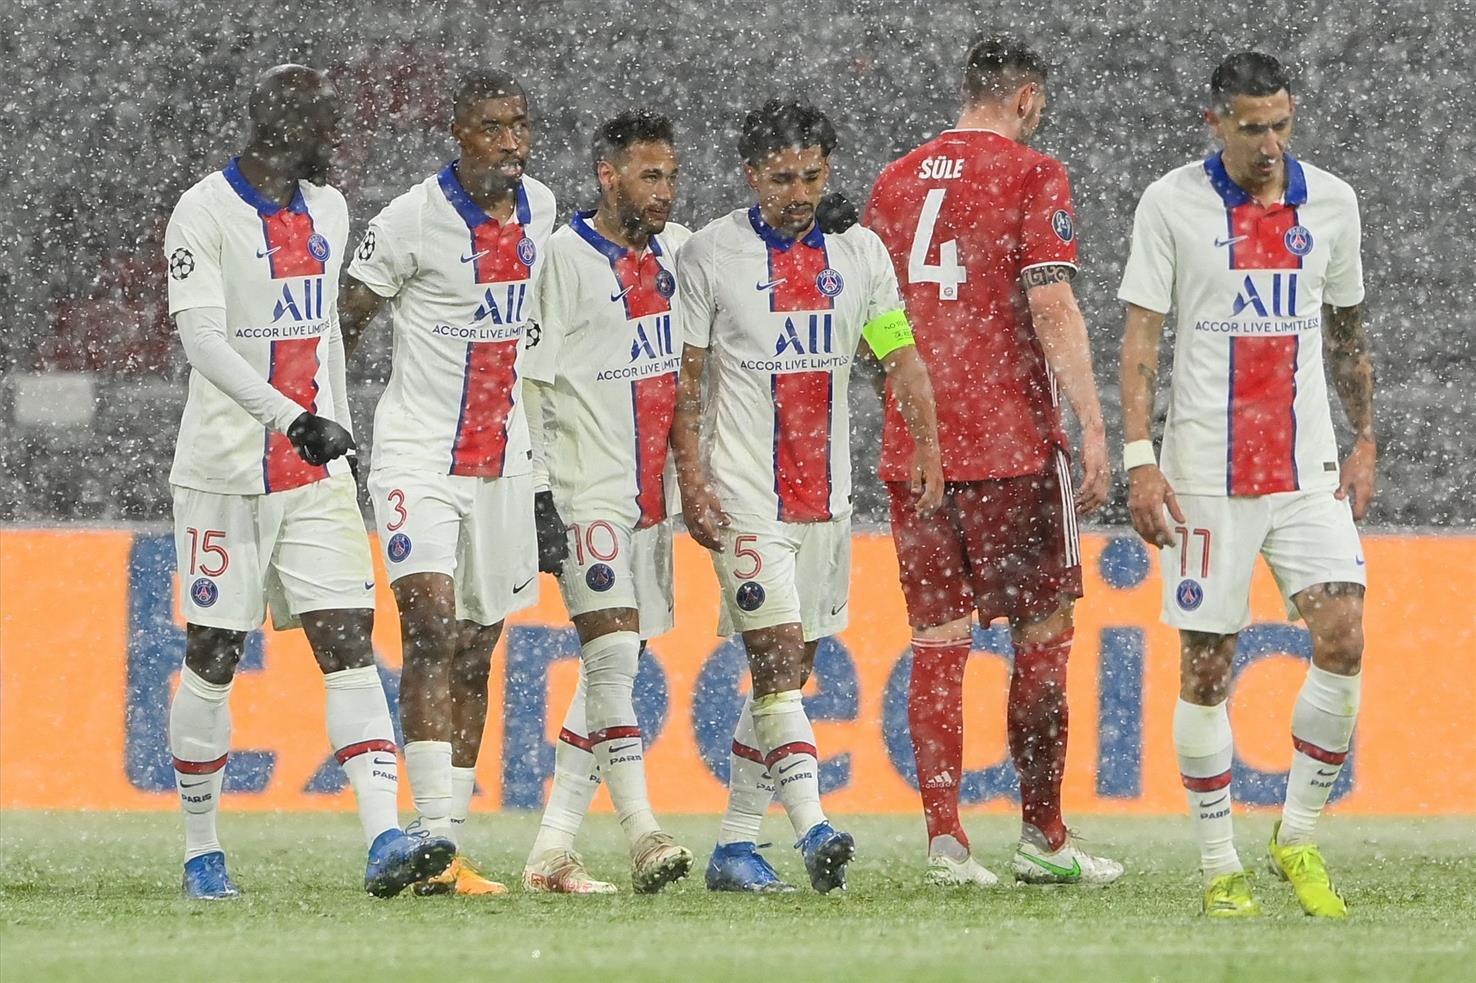 فرحة لاعبي باريس سان جيرمان بالهدف الثاني